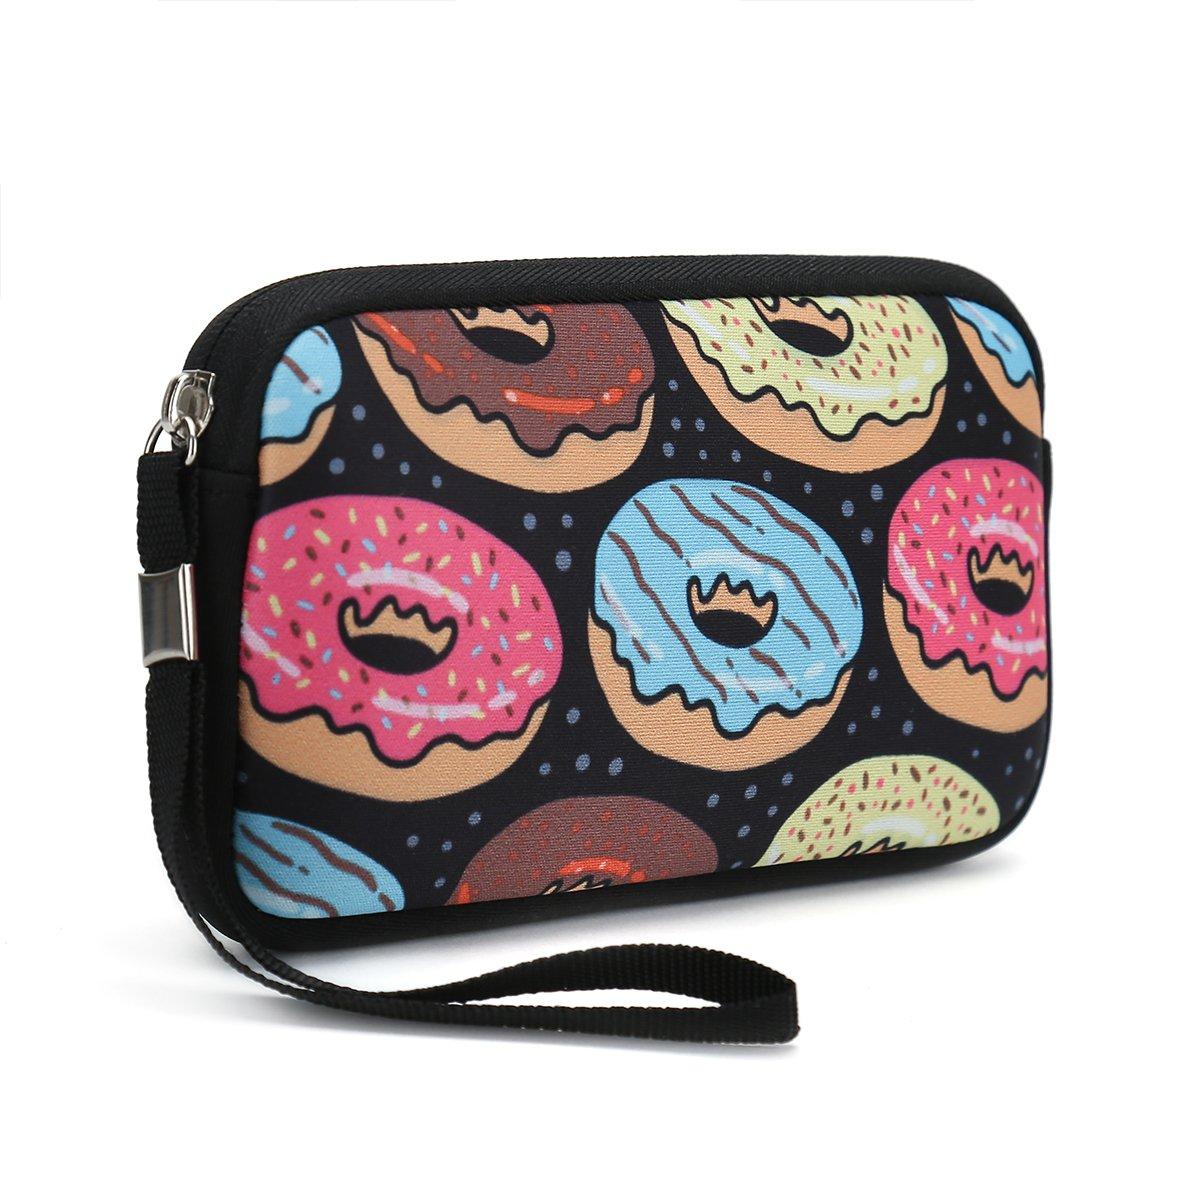 ユニセックスポータブル洗濯可能旅行すべてのスマートフォンWristlets財布財布バッグクラッチ変更、鉛筆バッグ、変更、コスメティックバッグポーチコイン財布ファスナーホルダーwithストラップ  Bread Donuts B0776GCJK4